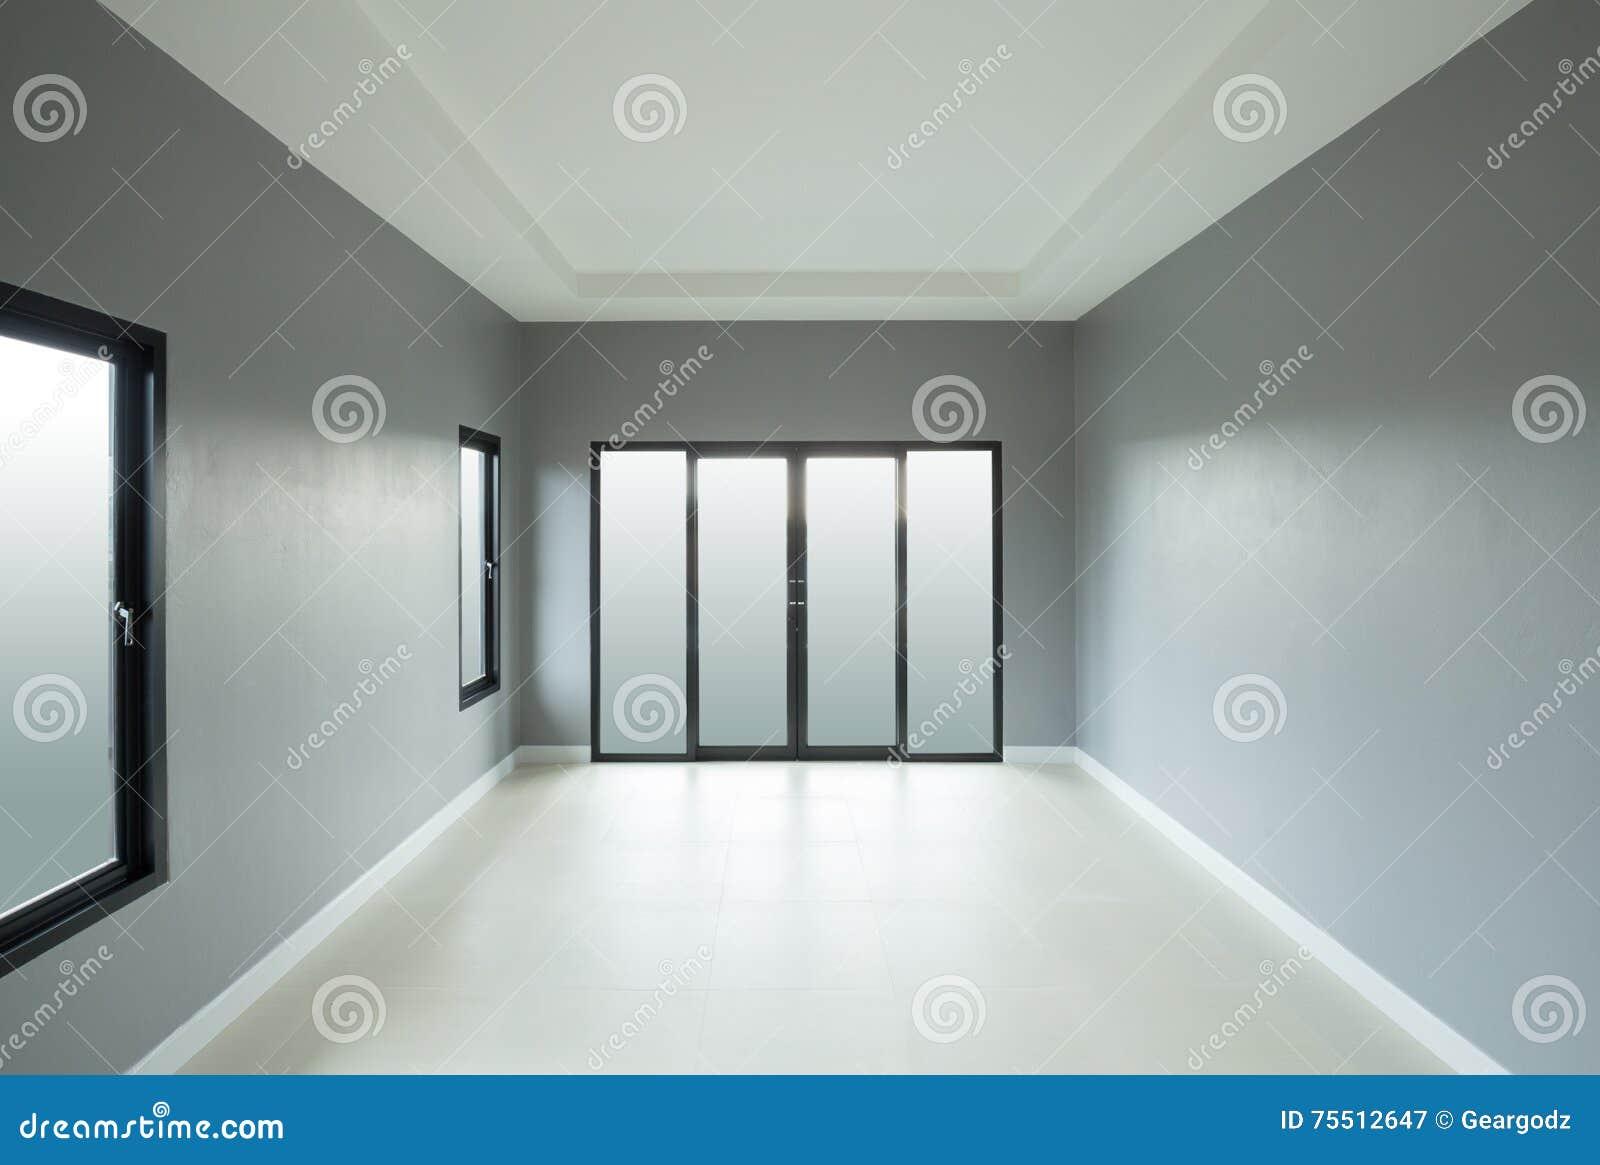 Mondern Empty Room With Window And Door Stock Image ...